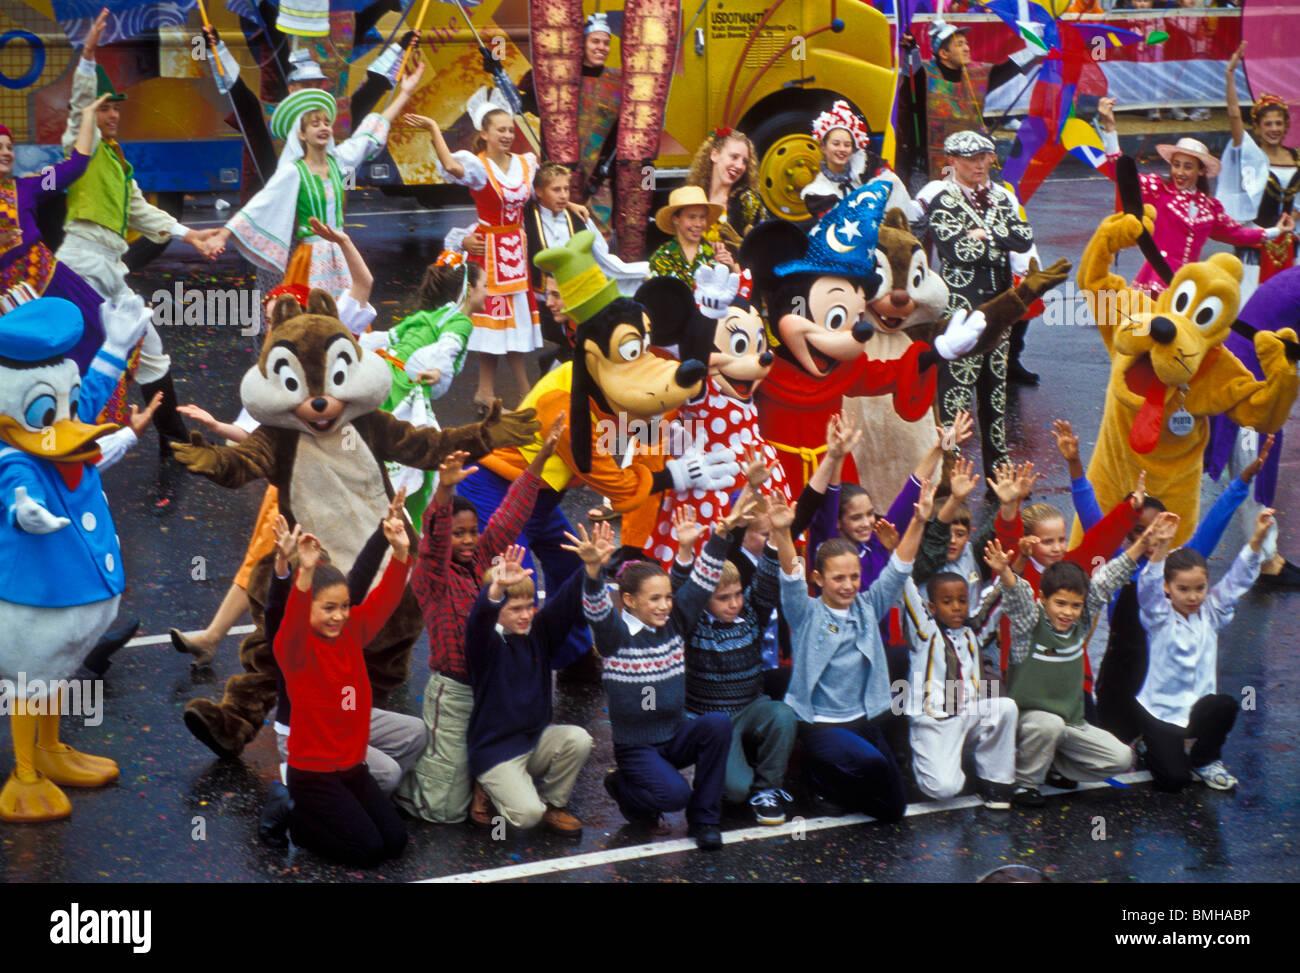 Thanksgiving Day Parade, Phila. PA con Santa y la Sra. Claus, carácter globos bandas y carrozas Foto de stock